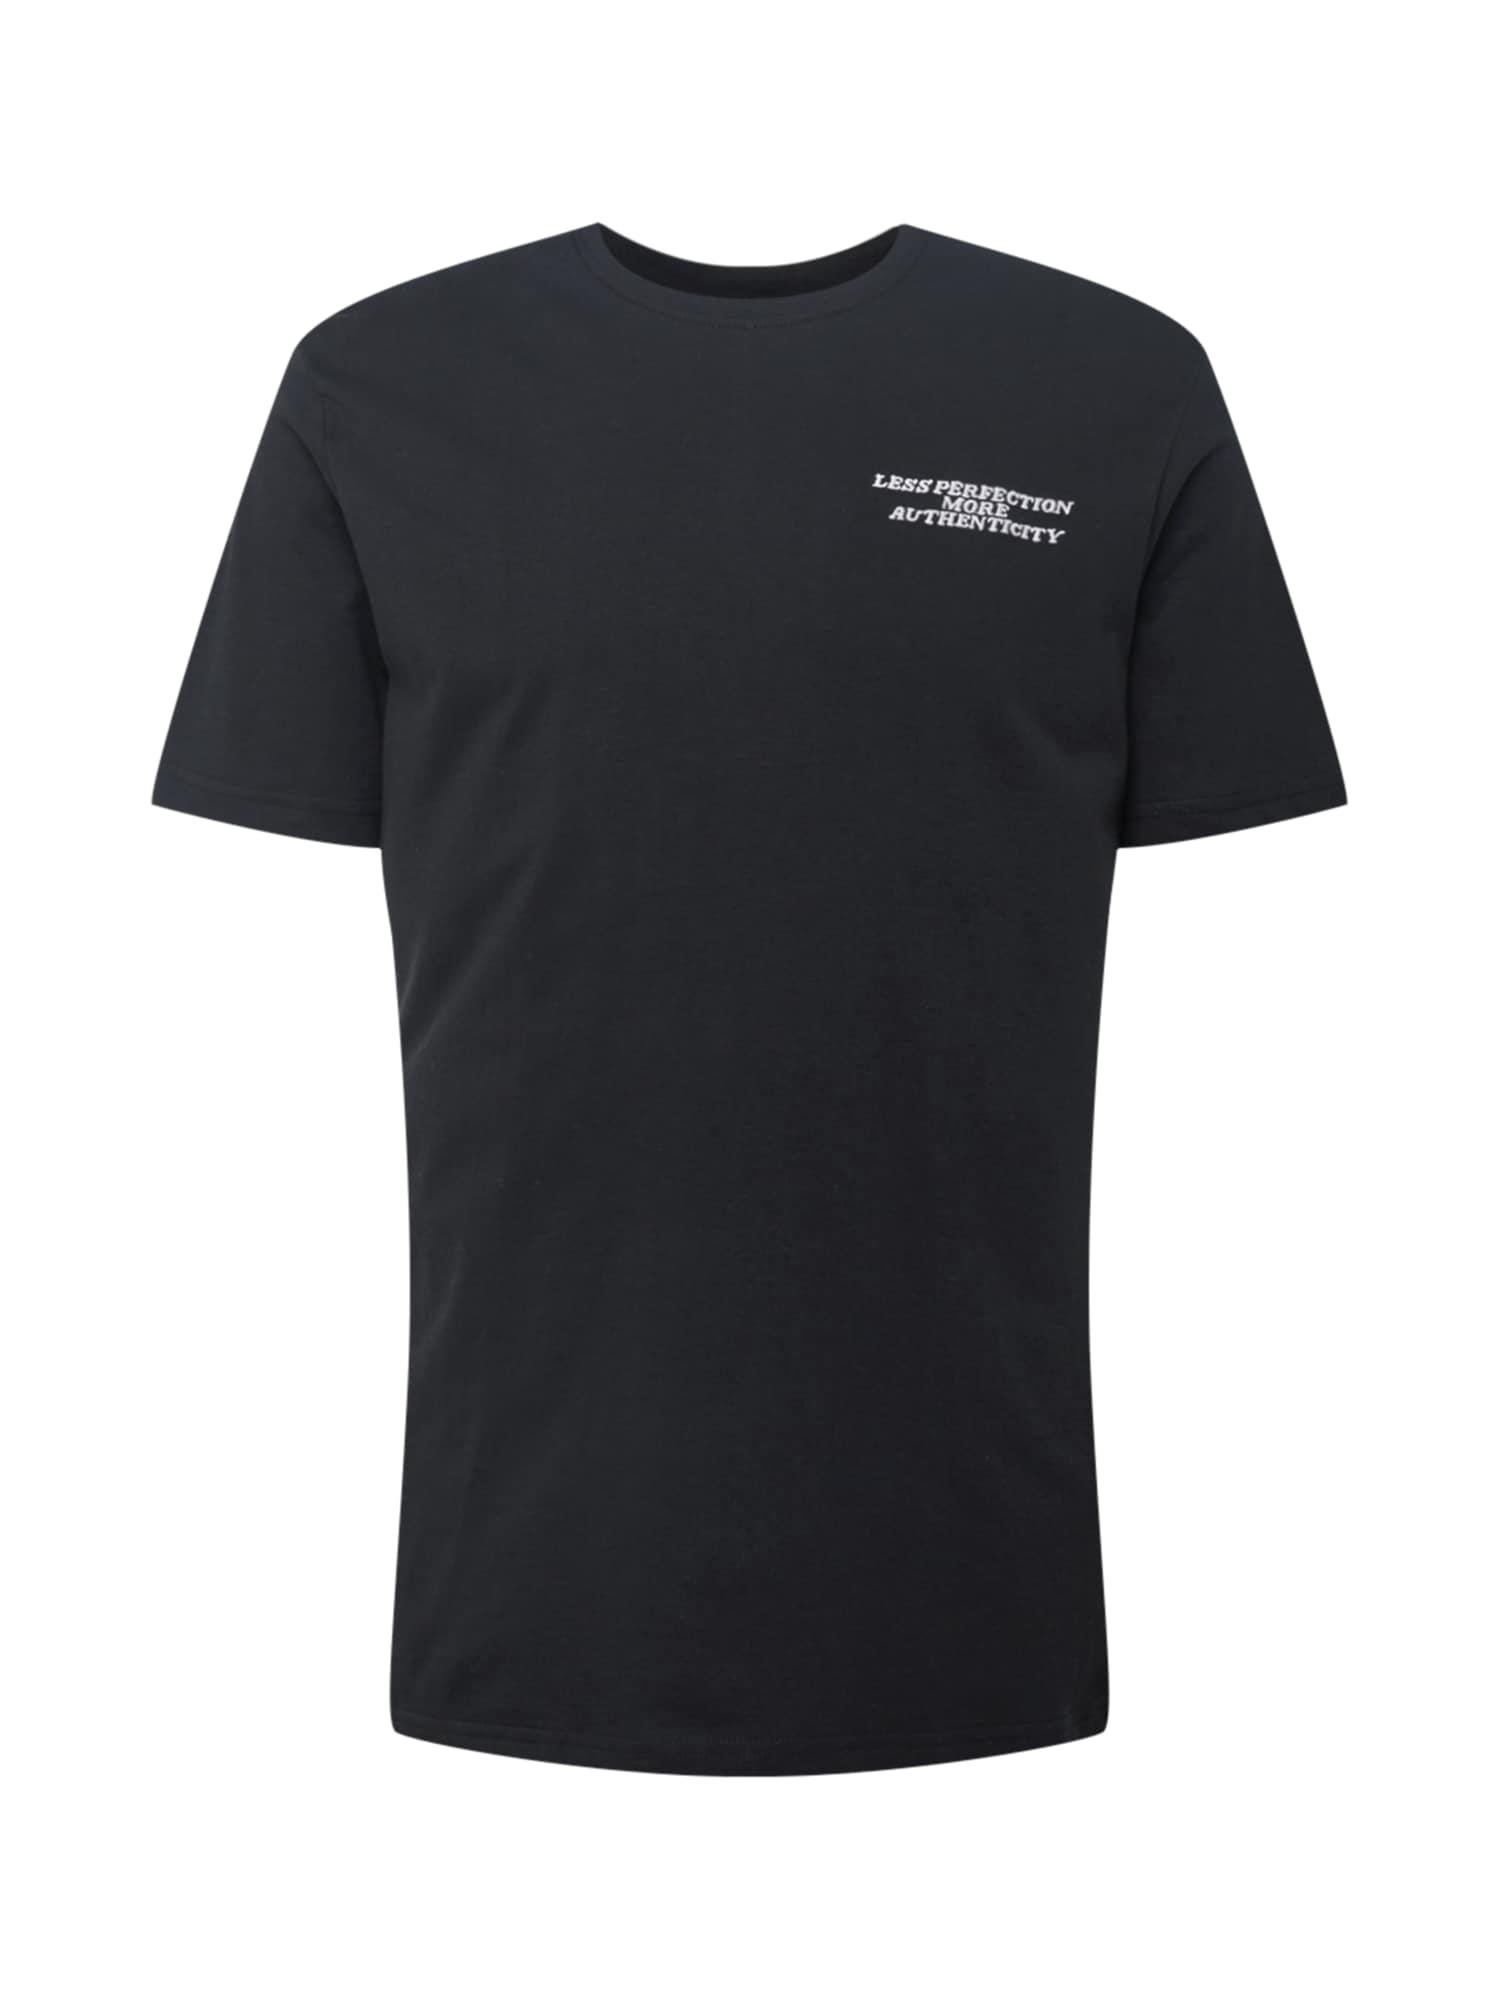 Rethink Status Marškinėliai juoda / balta / šviesiai violetinė / turkio spalva